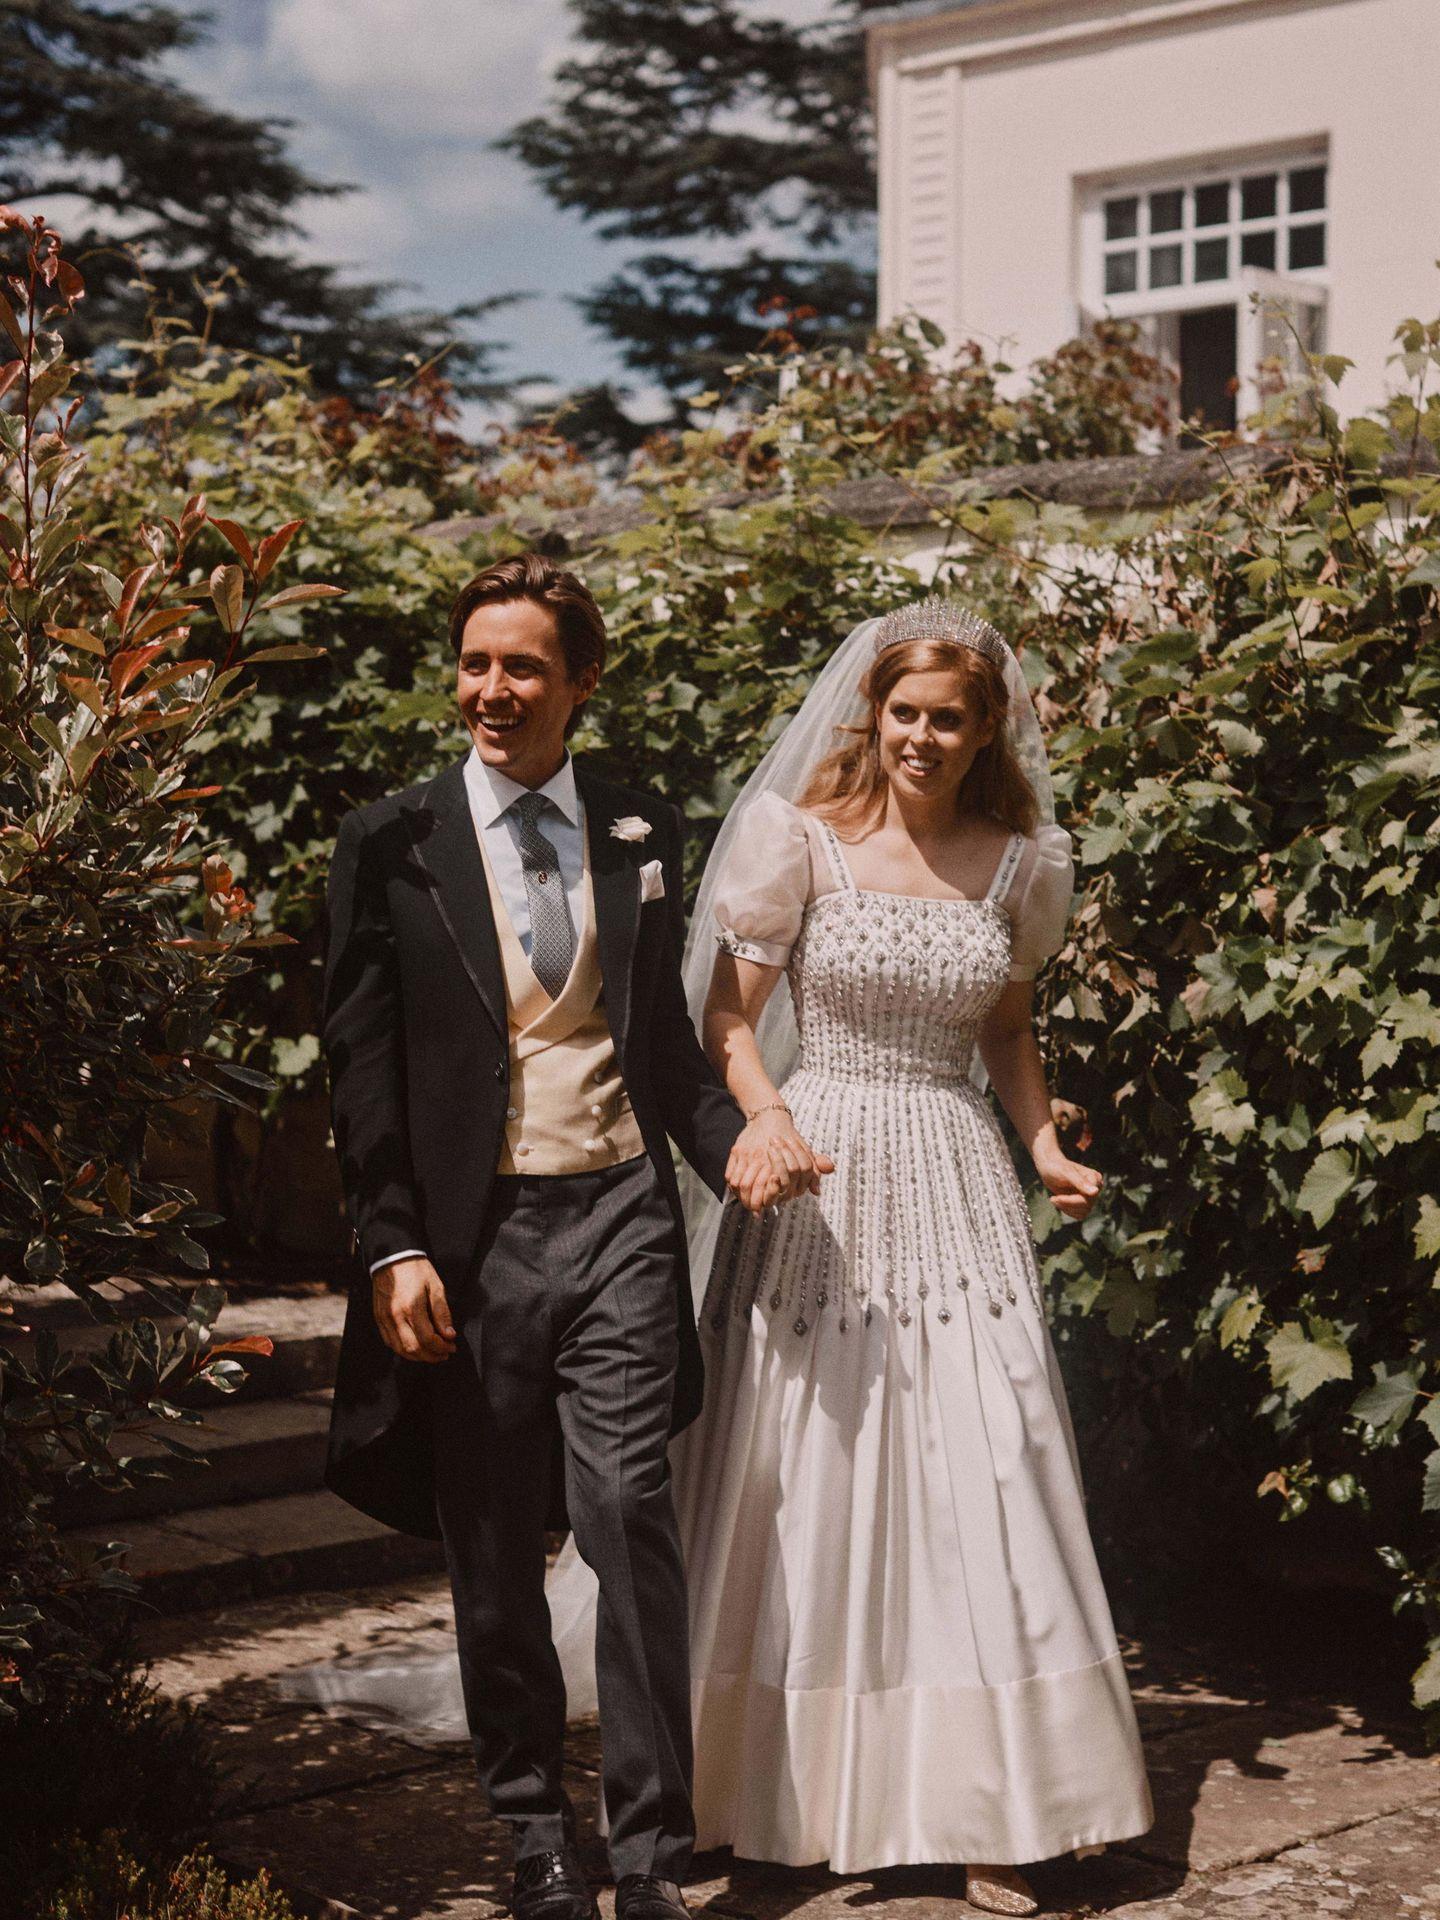 La princesa Beatriz y Edo Mapelli, el día de su boda. (Reuters)